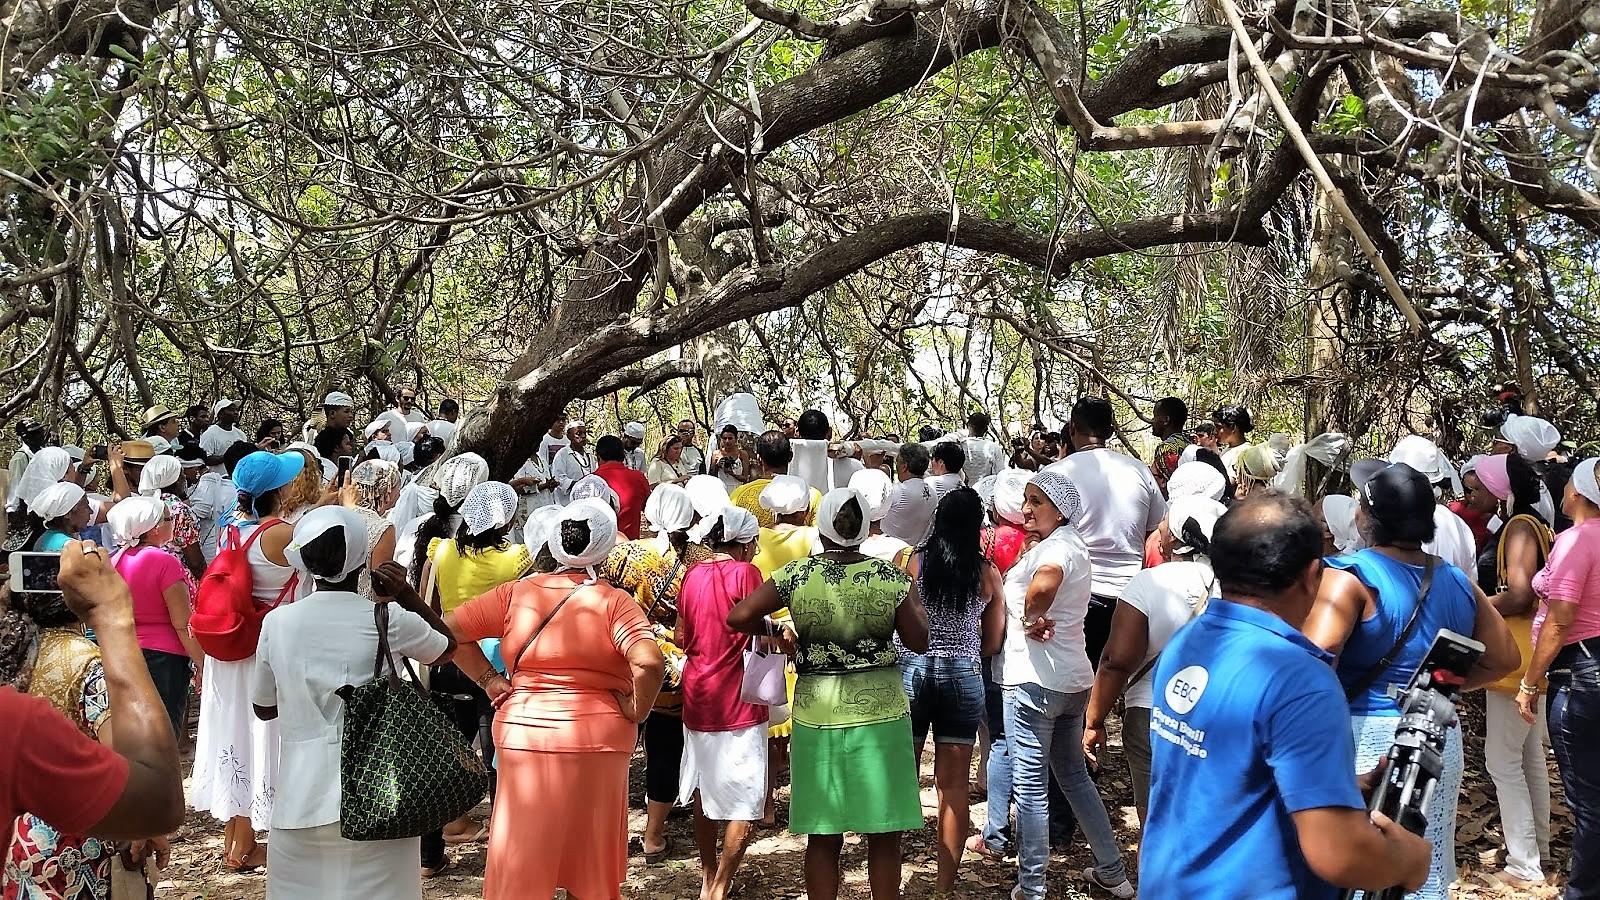 Frequentadores do terreiro querem a preservação do local. Foto: Valéria Sotão